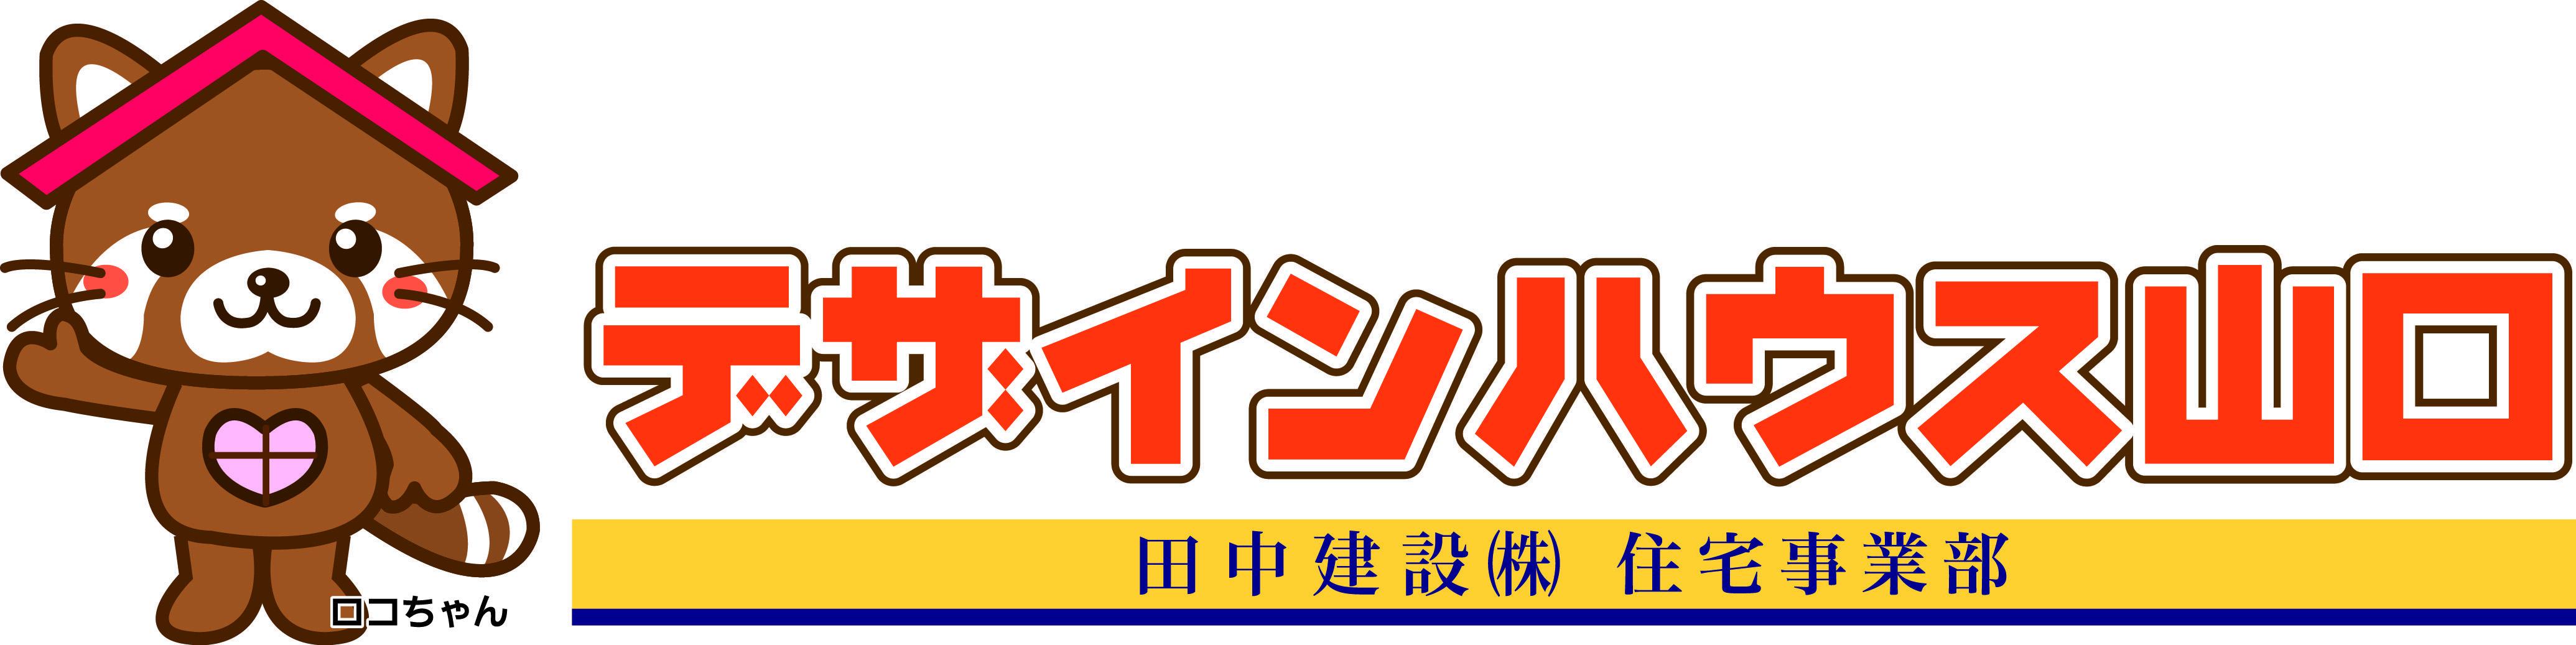 田中建設株式会社採用サイト